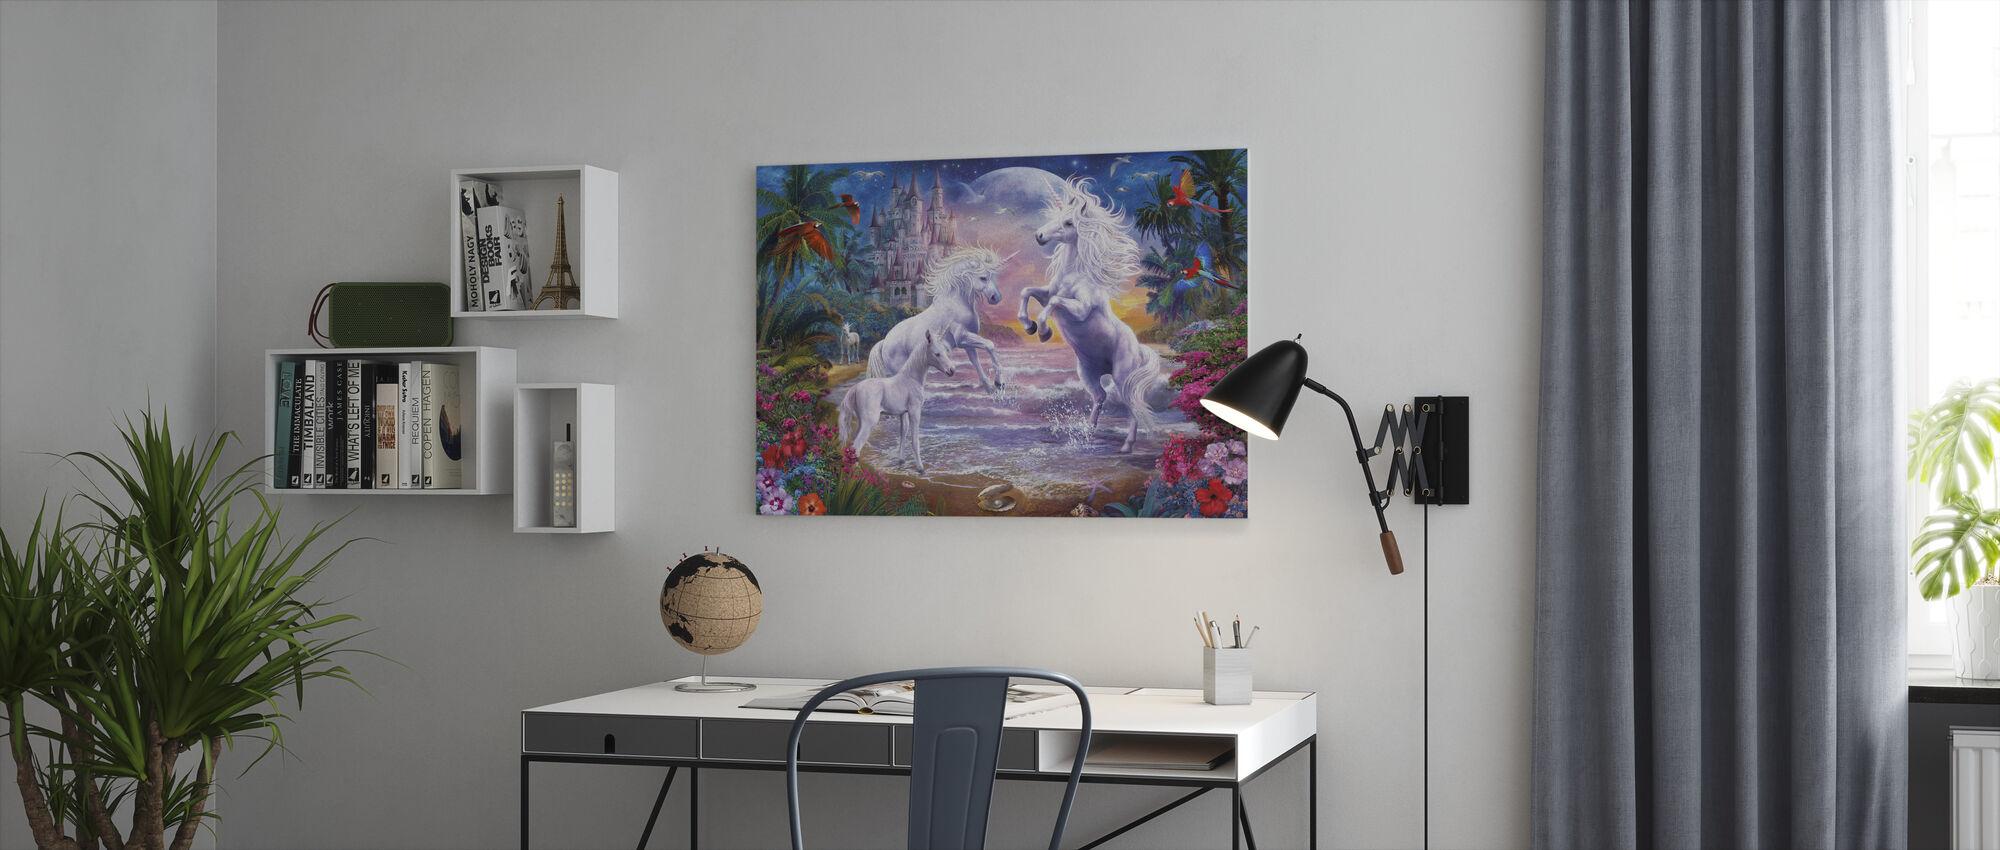 Strand Enhörningar - Canvastavla - Kontor